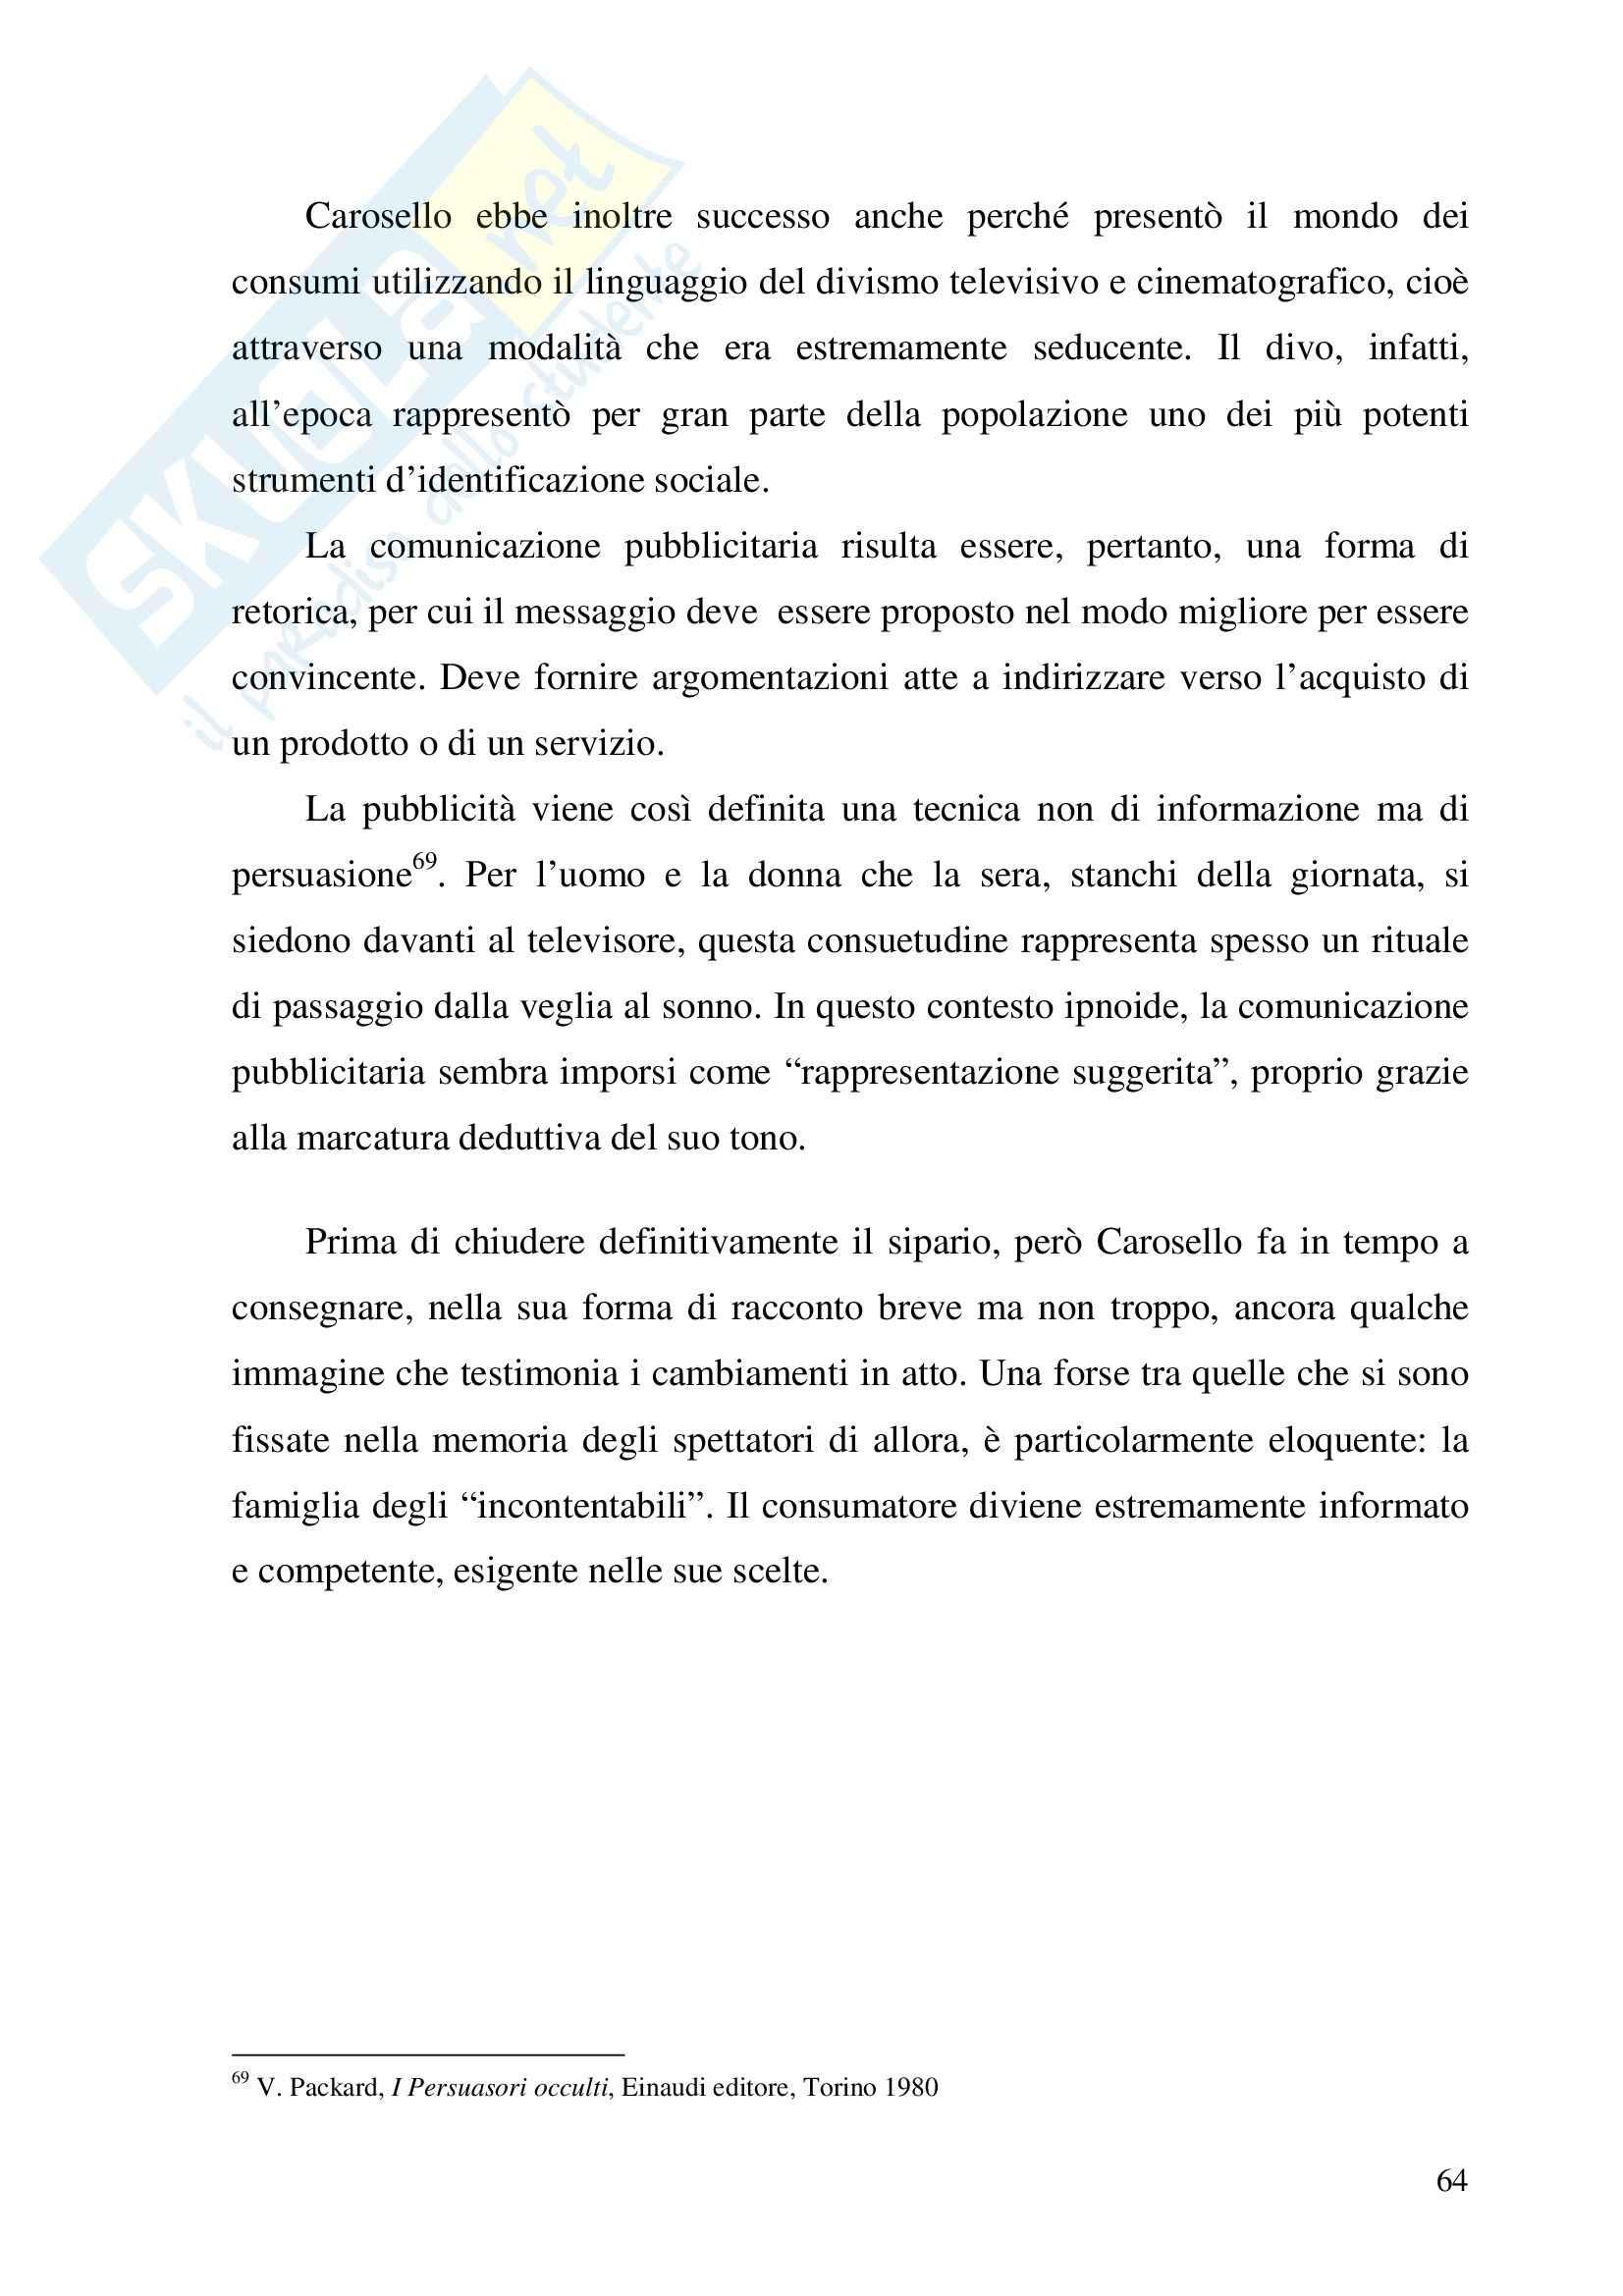 Economia dei media - pubblicità - Tesina Pag. 71